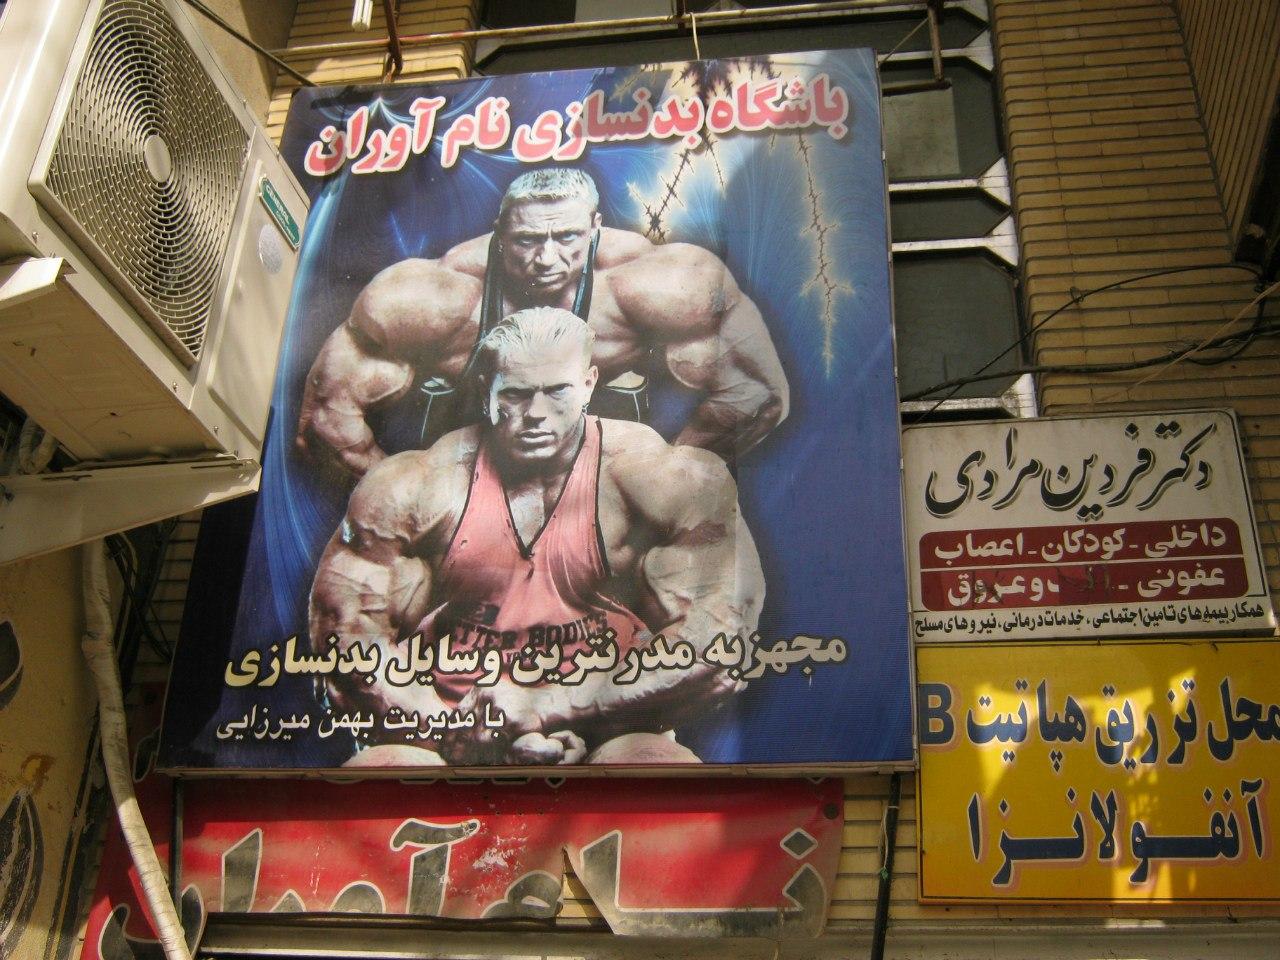 бодибилдеры в Иране